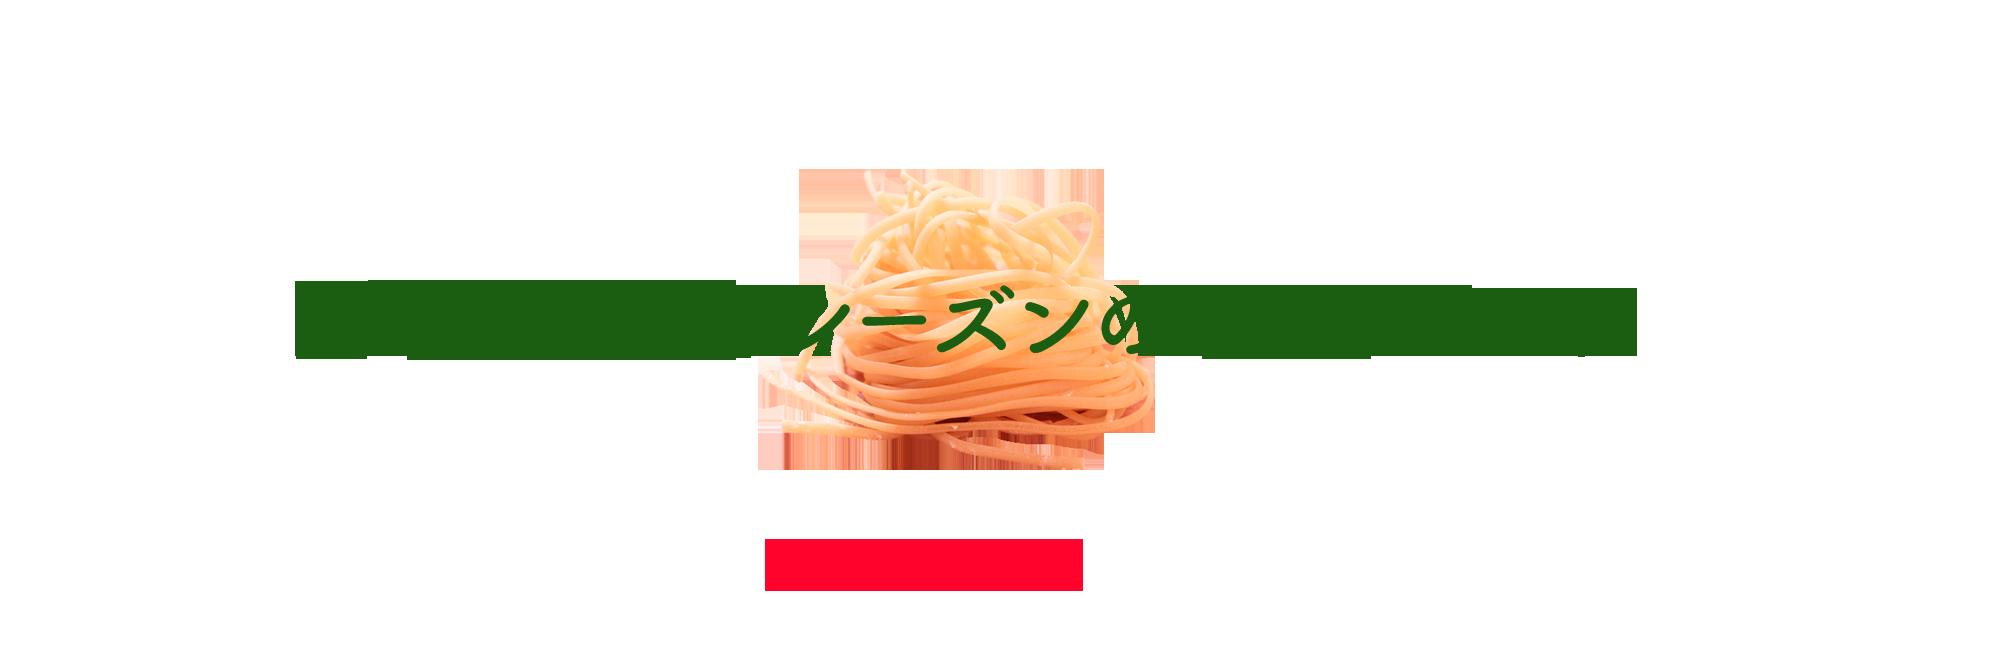 鰯と松の実とレーズンのトマトパスタ